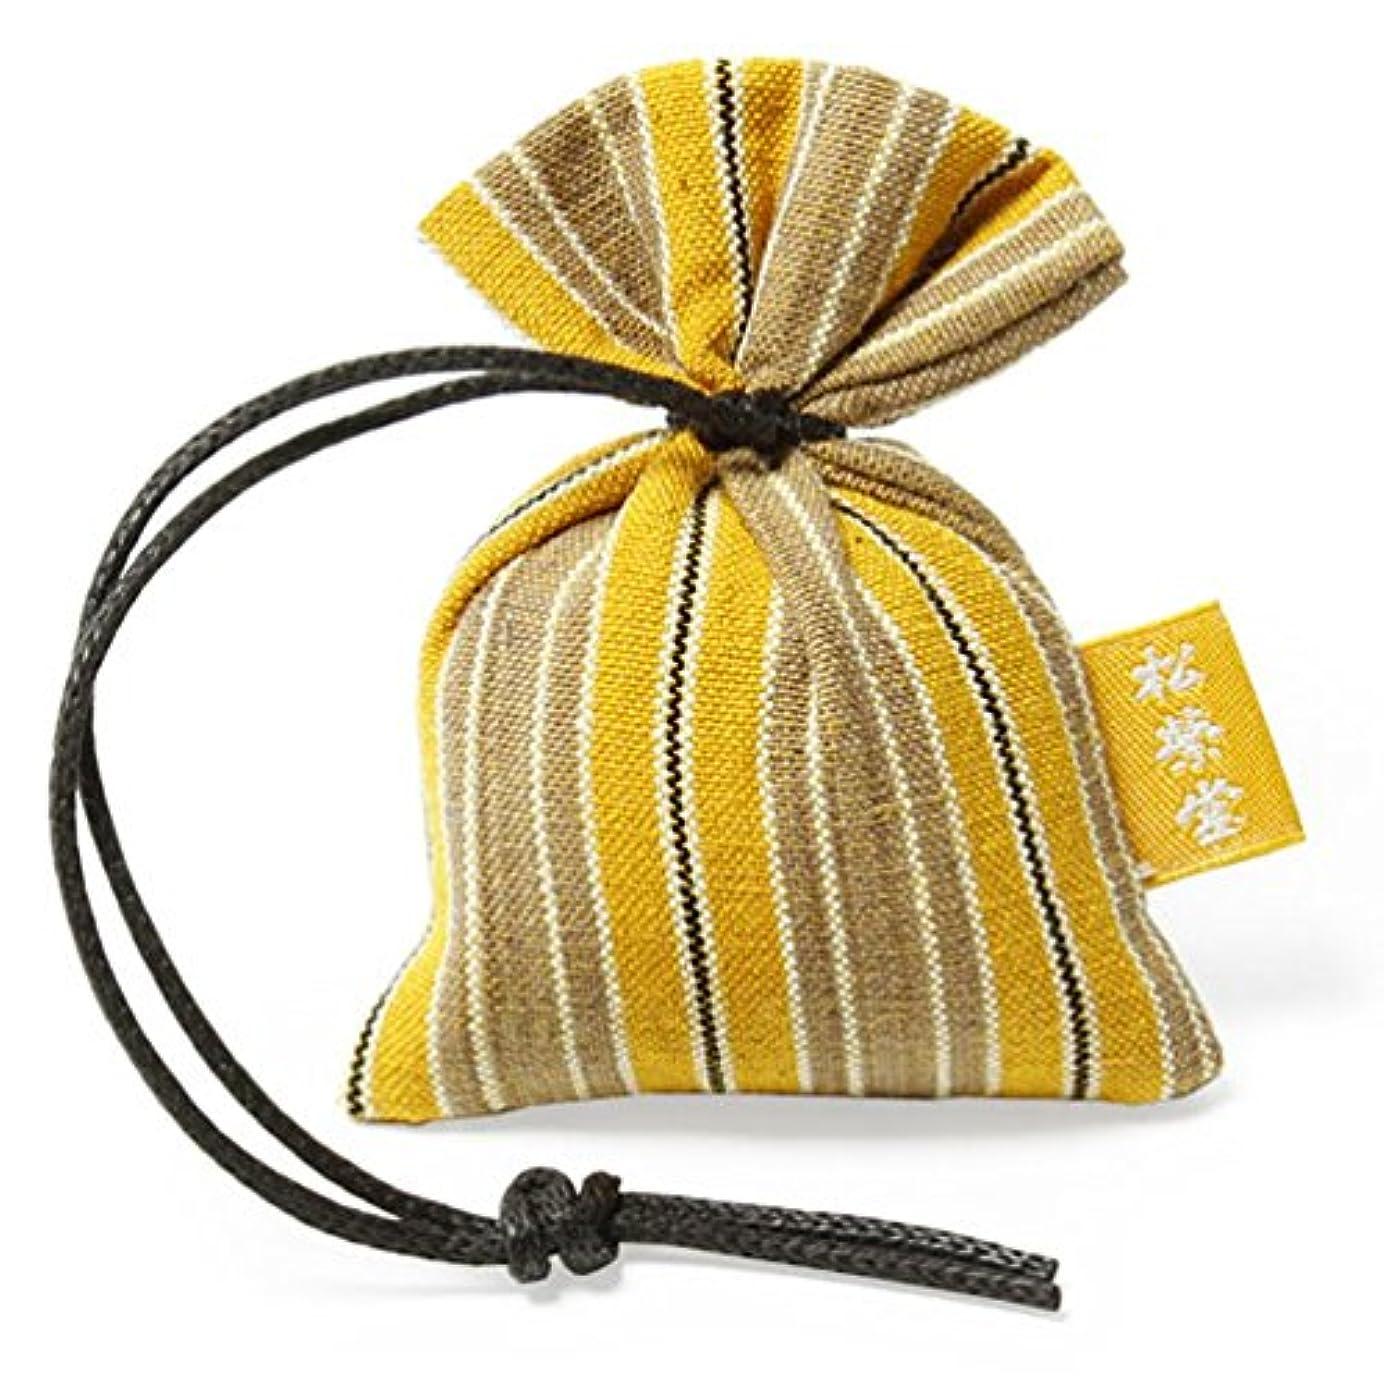 リブ蒸留する計算可能匂い袋 誰が袖 ルリック(縞) 1個入 松栄堂 Shoyeido 本体長さ60mm (色?柄は選べません)